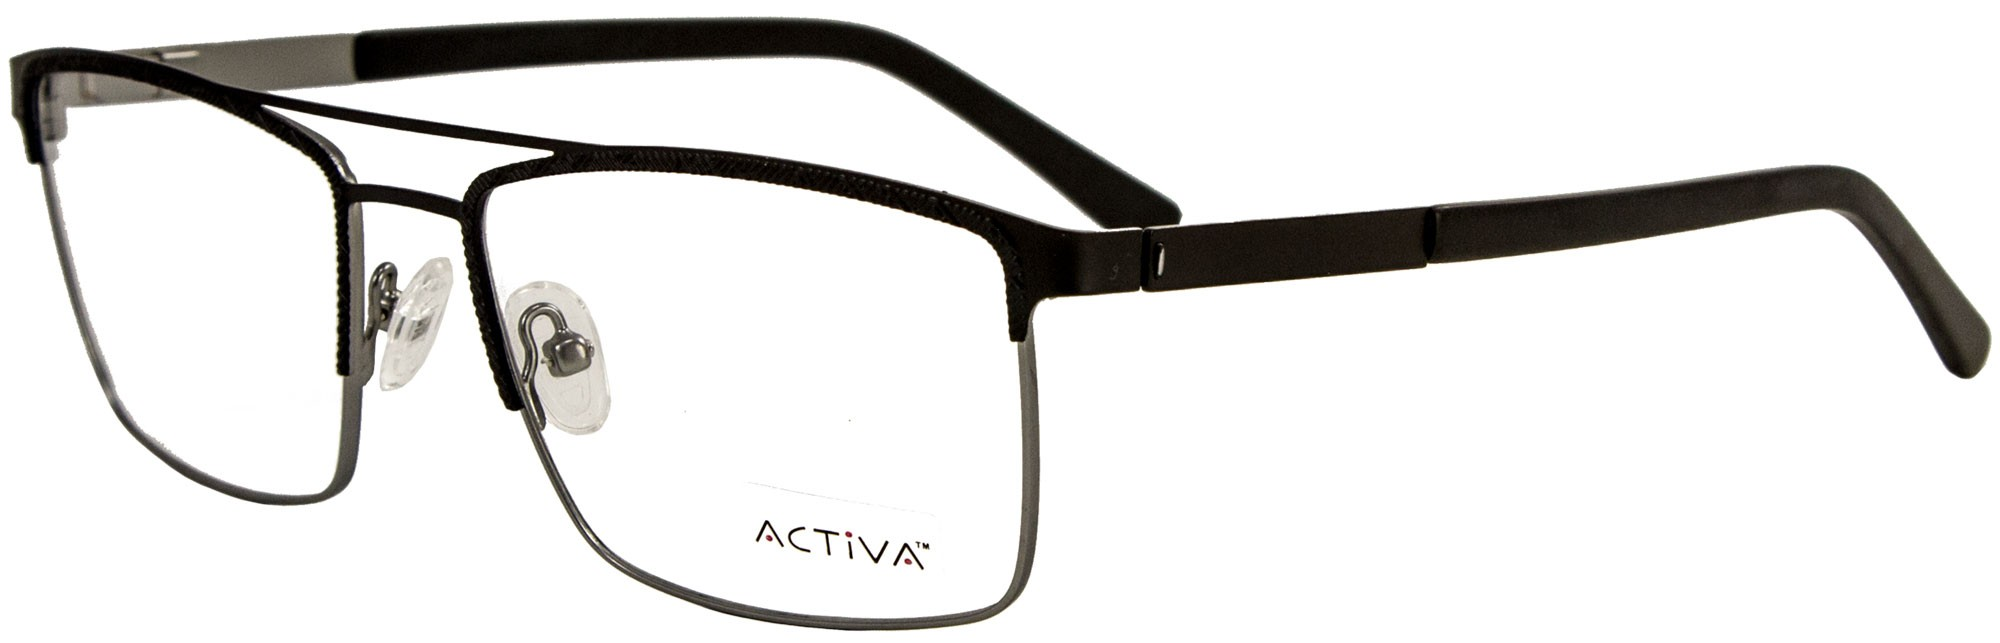 Activa 9544 C3 2